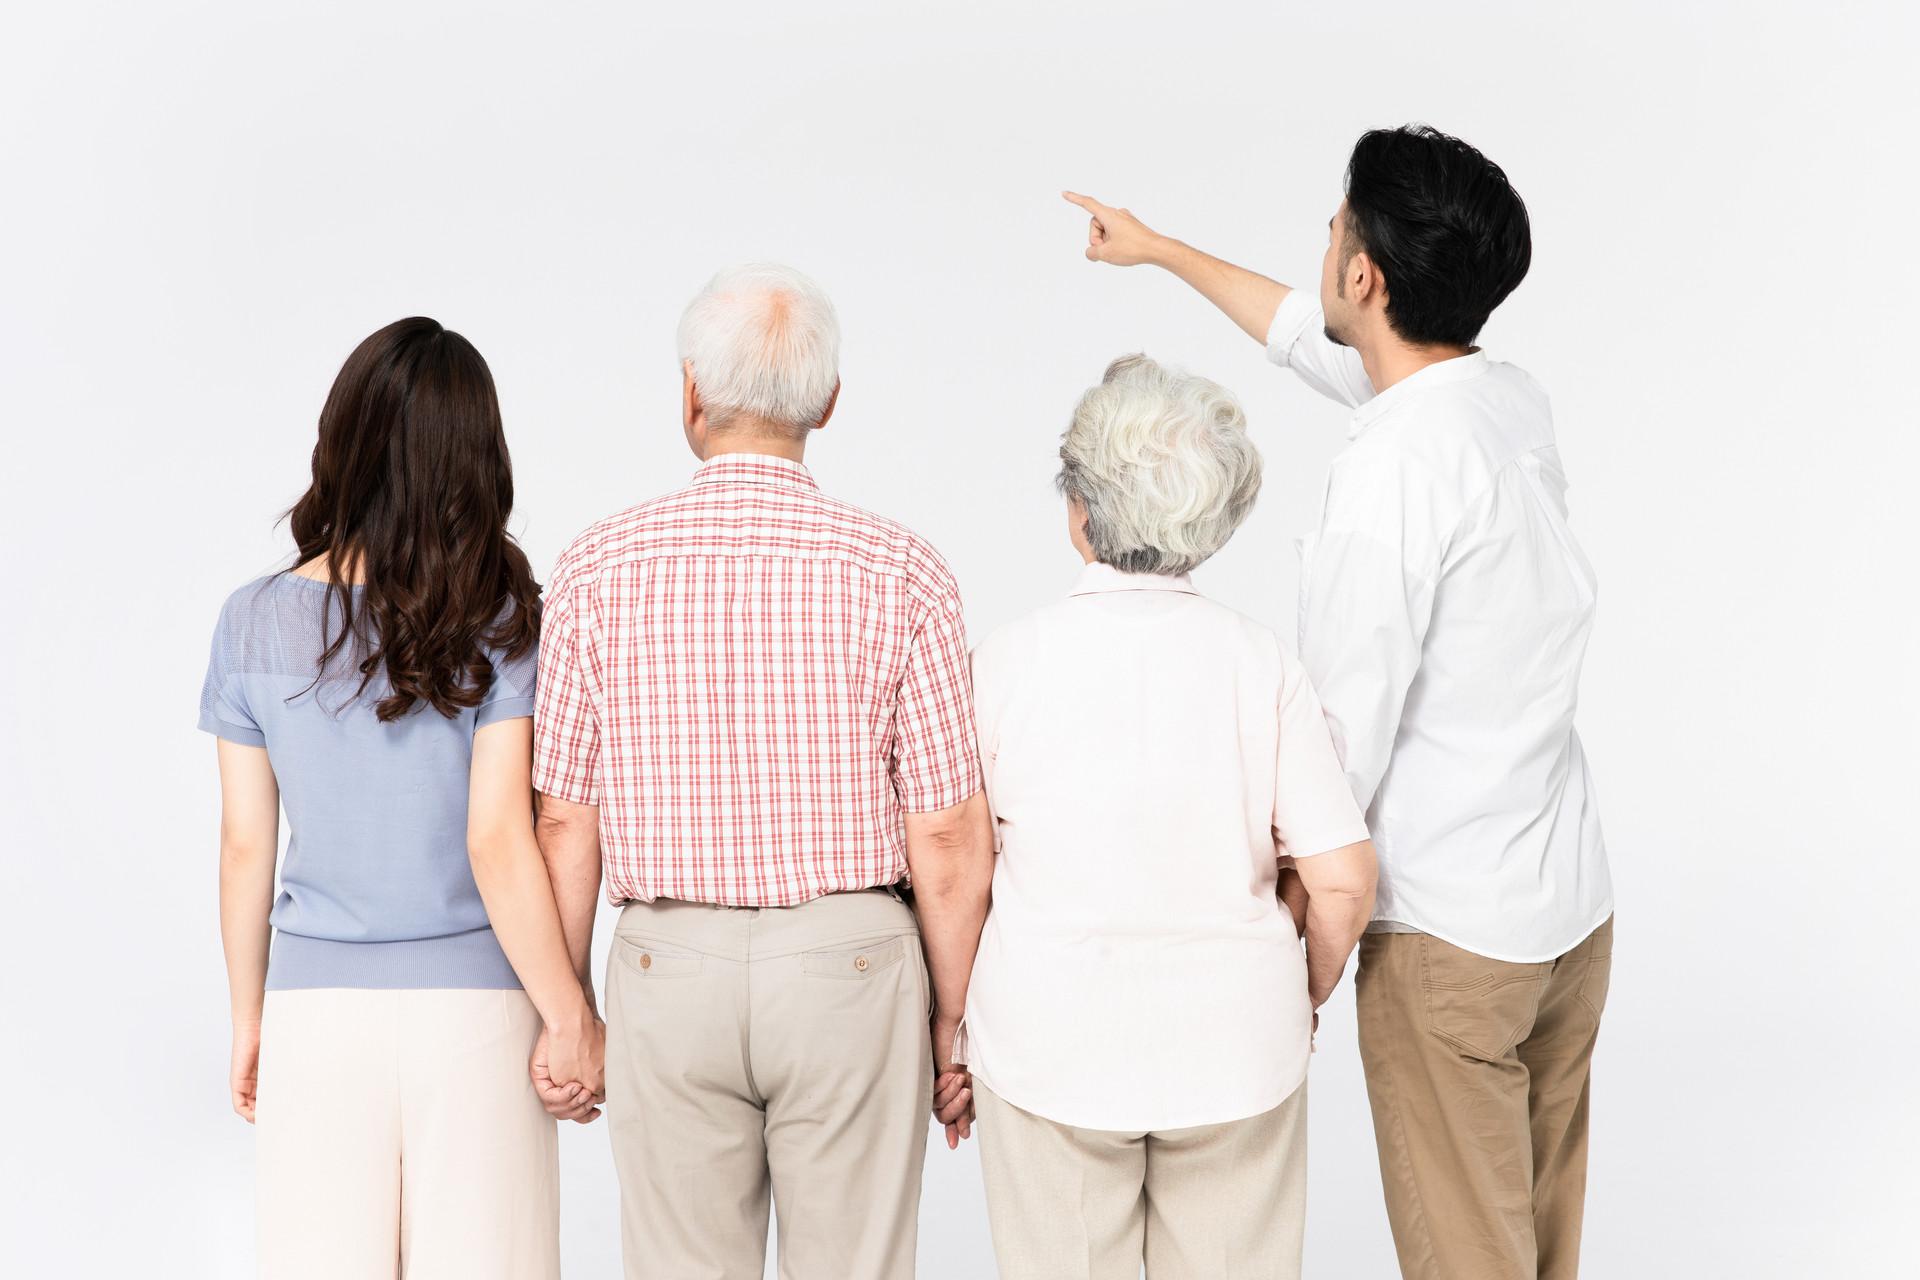 社保和商业保险的区别